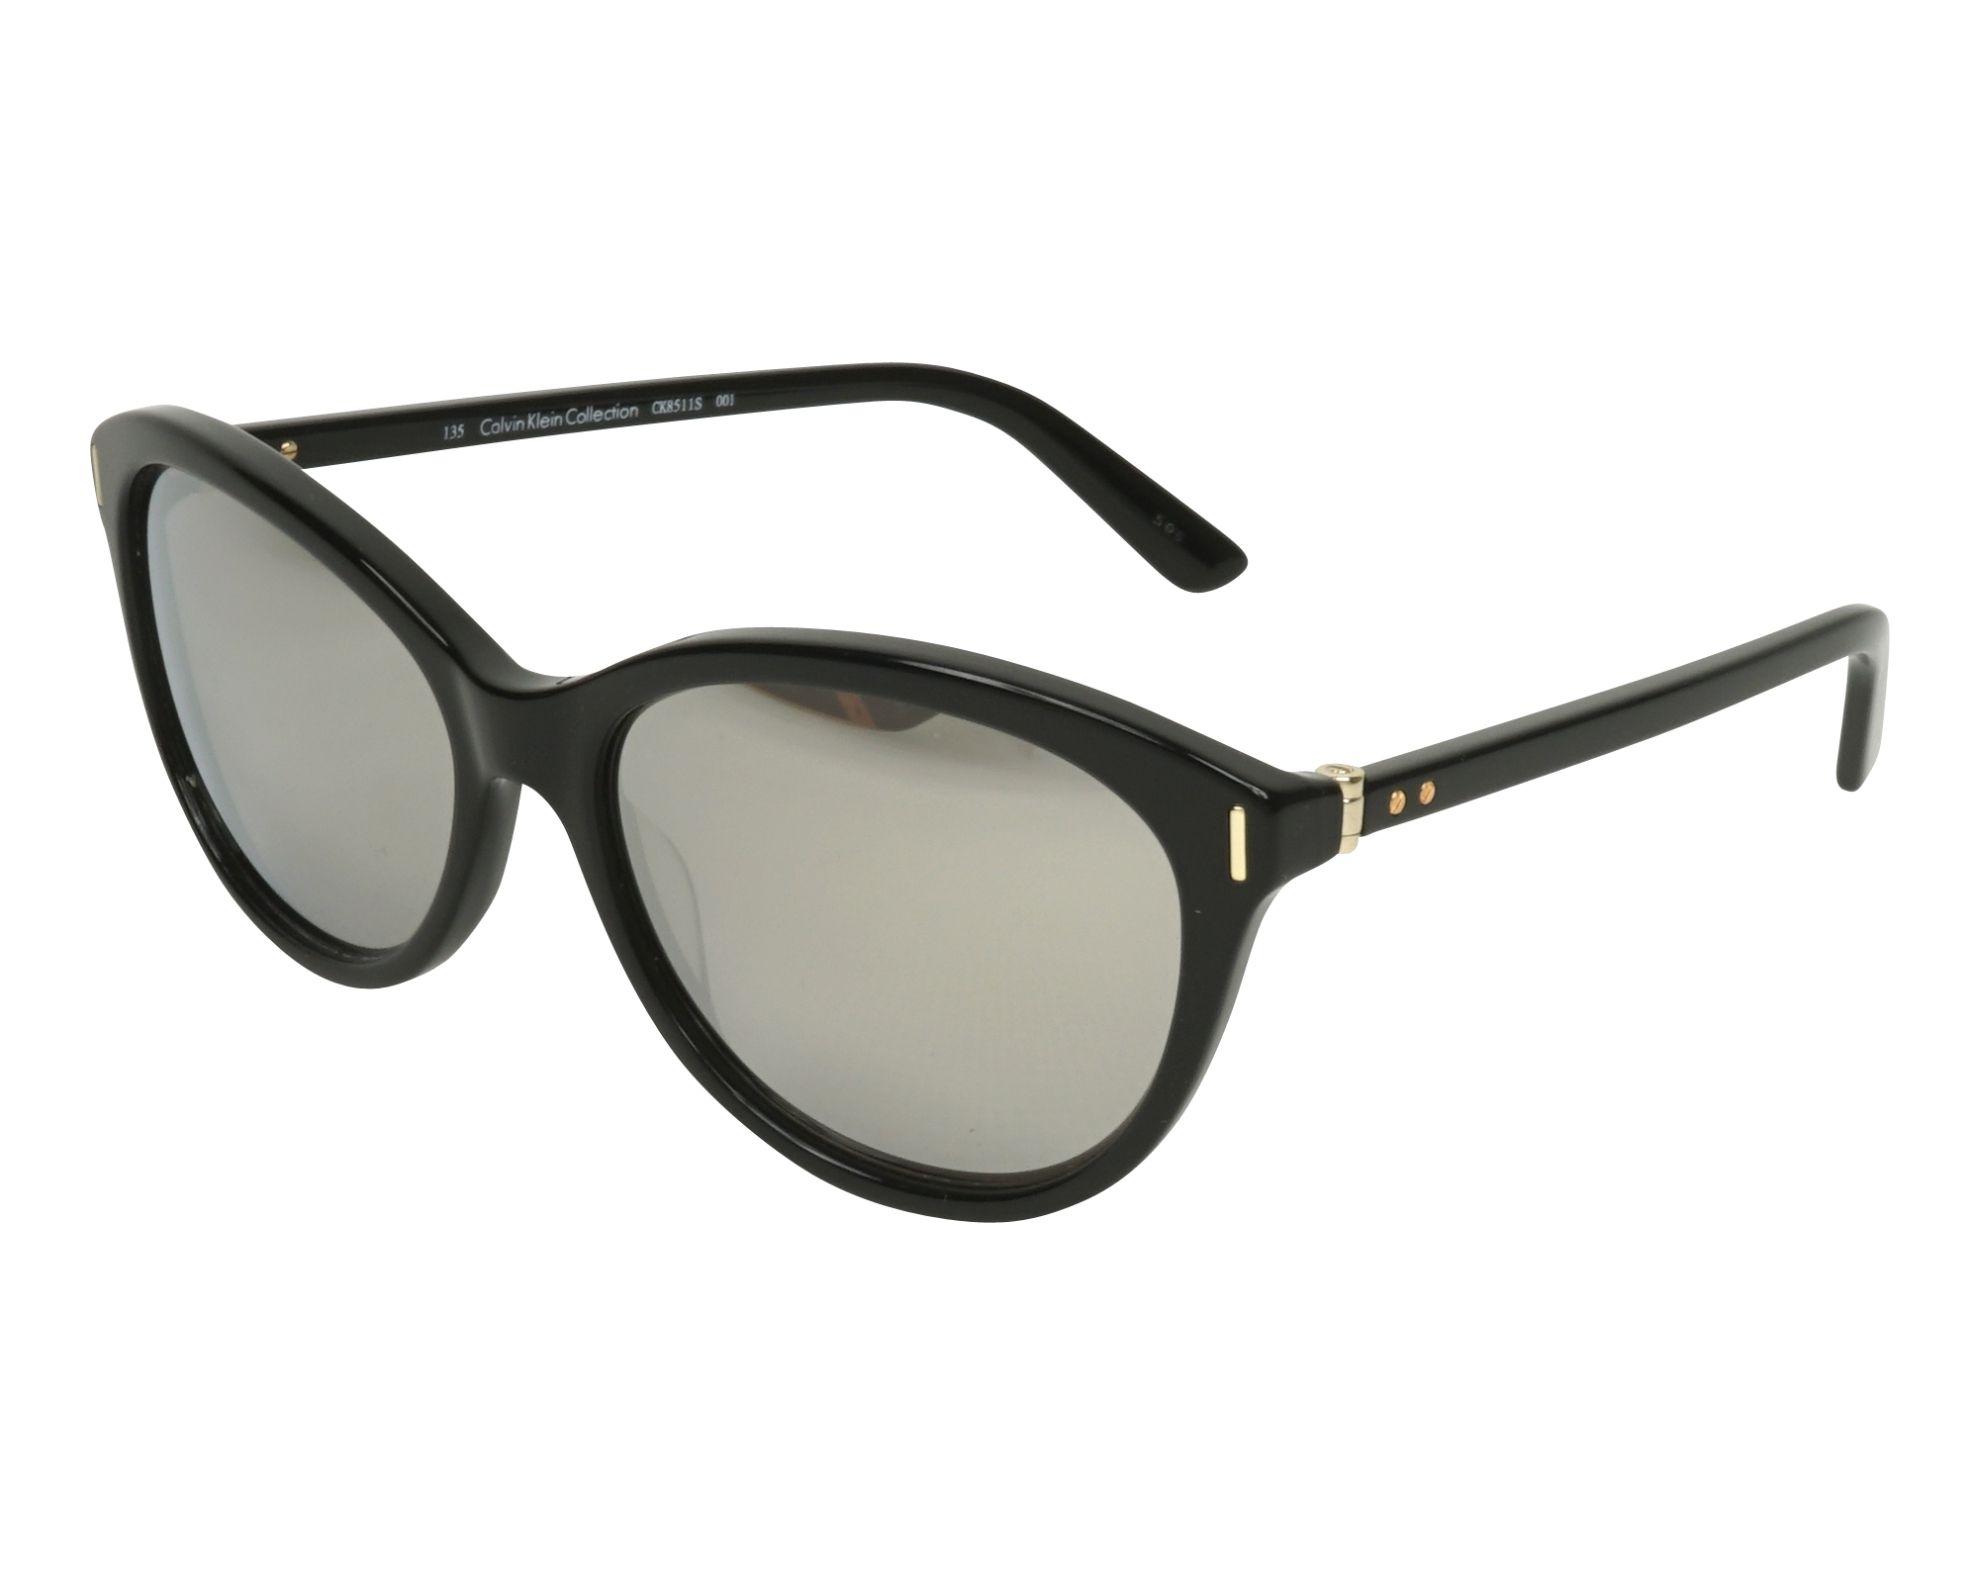 70e5d891cce Lunettes de soleil Calvin Klein CK-8511-S 001 57-16 Noir Or